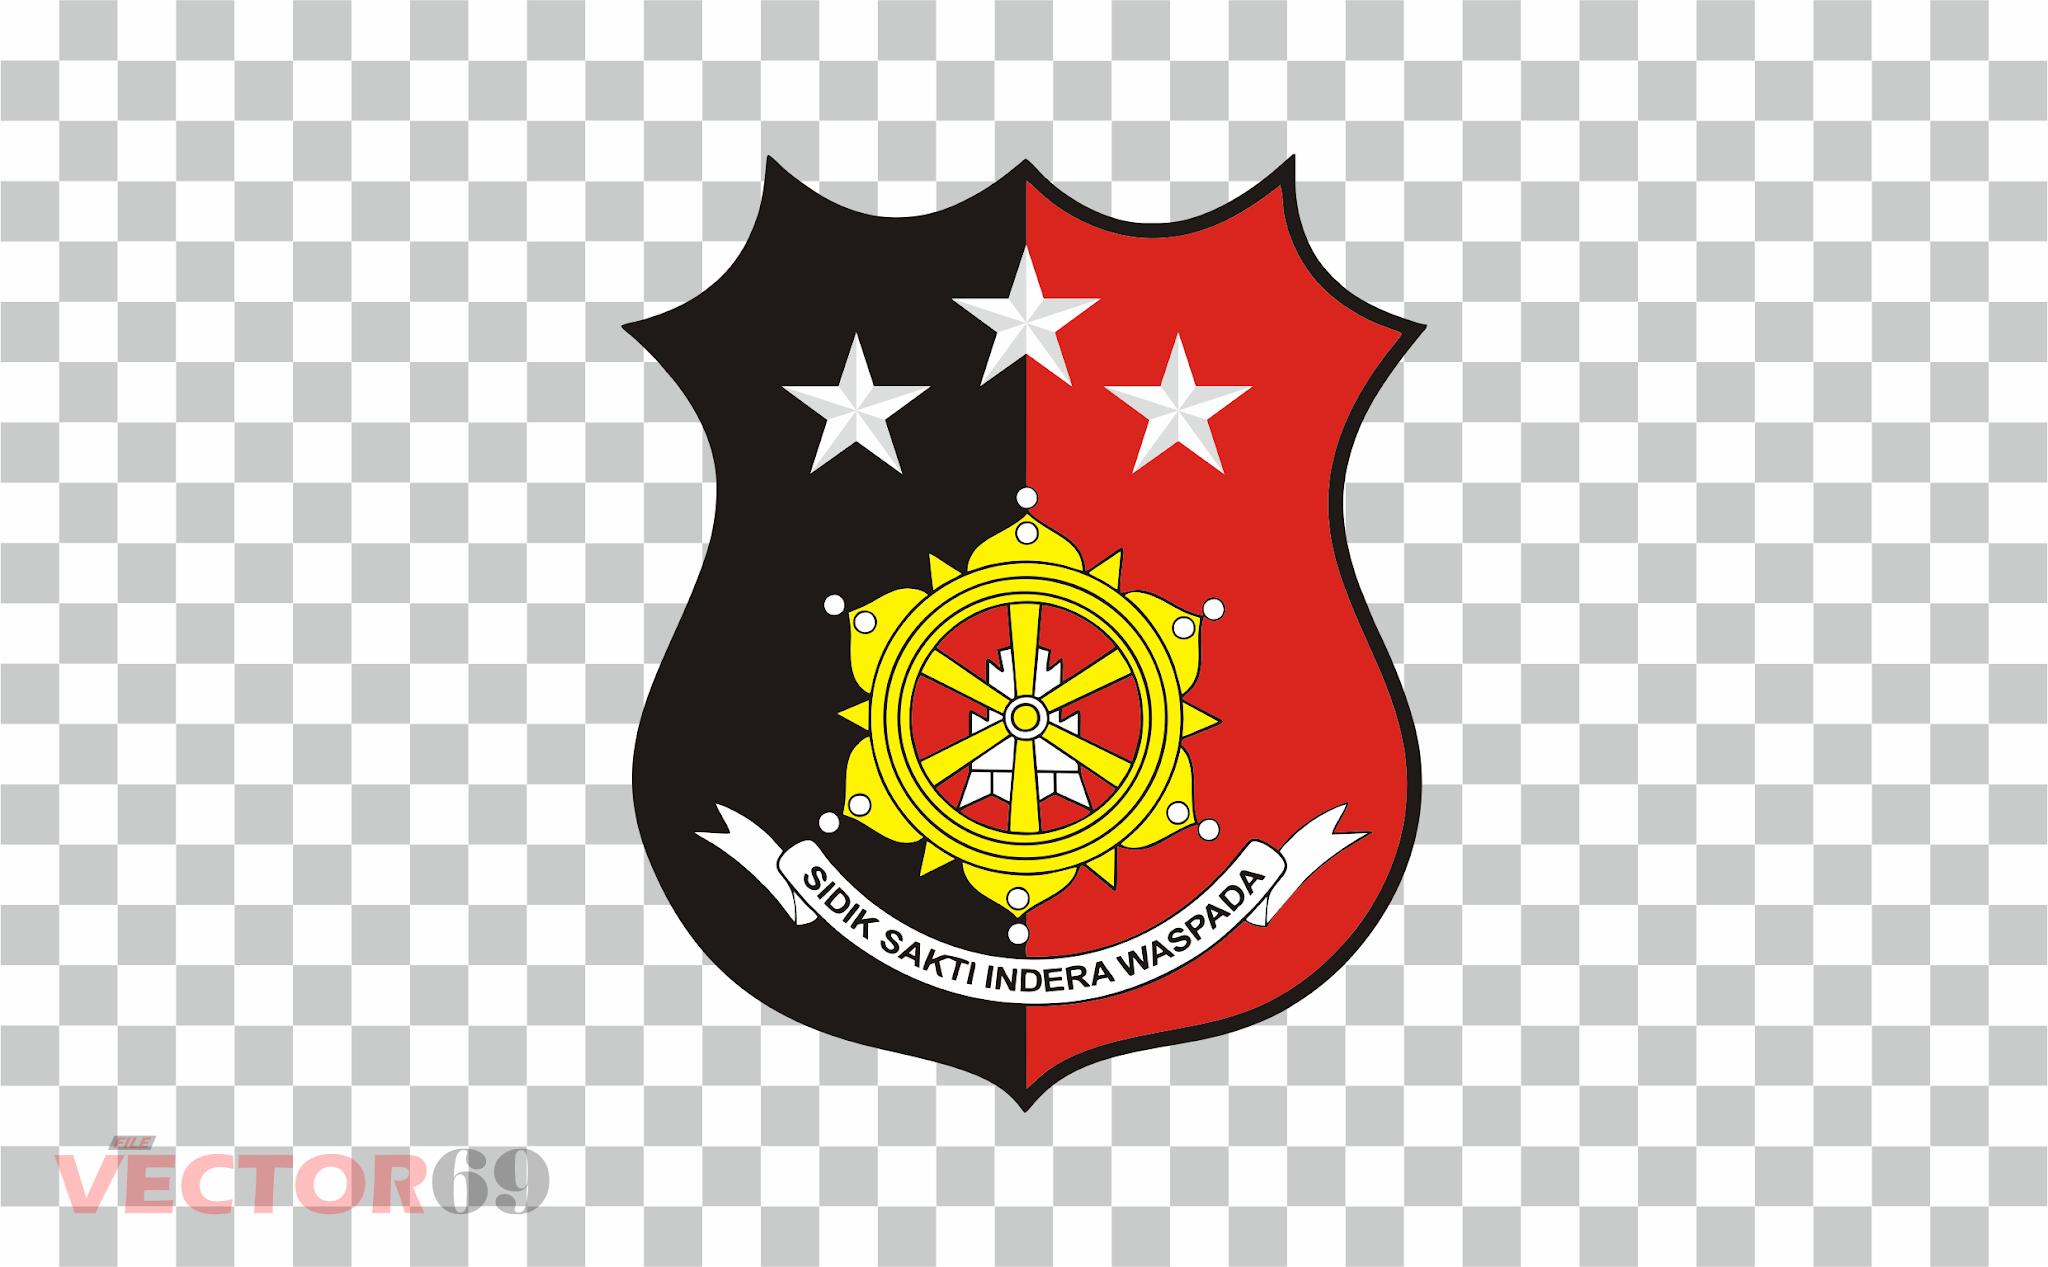 Bareskrim (Badan Reserse Kriminal) Polri Logo - Download Vector File PNG (Portable Network Graphics)